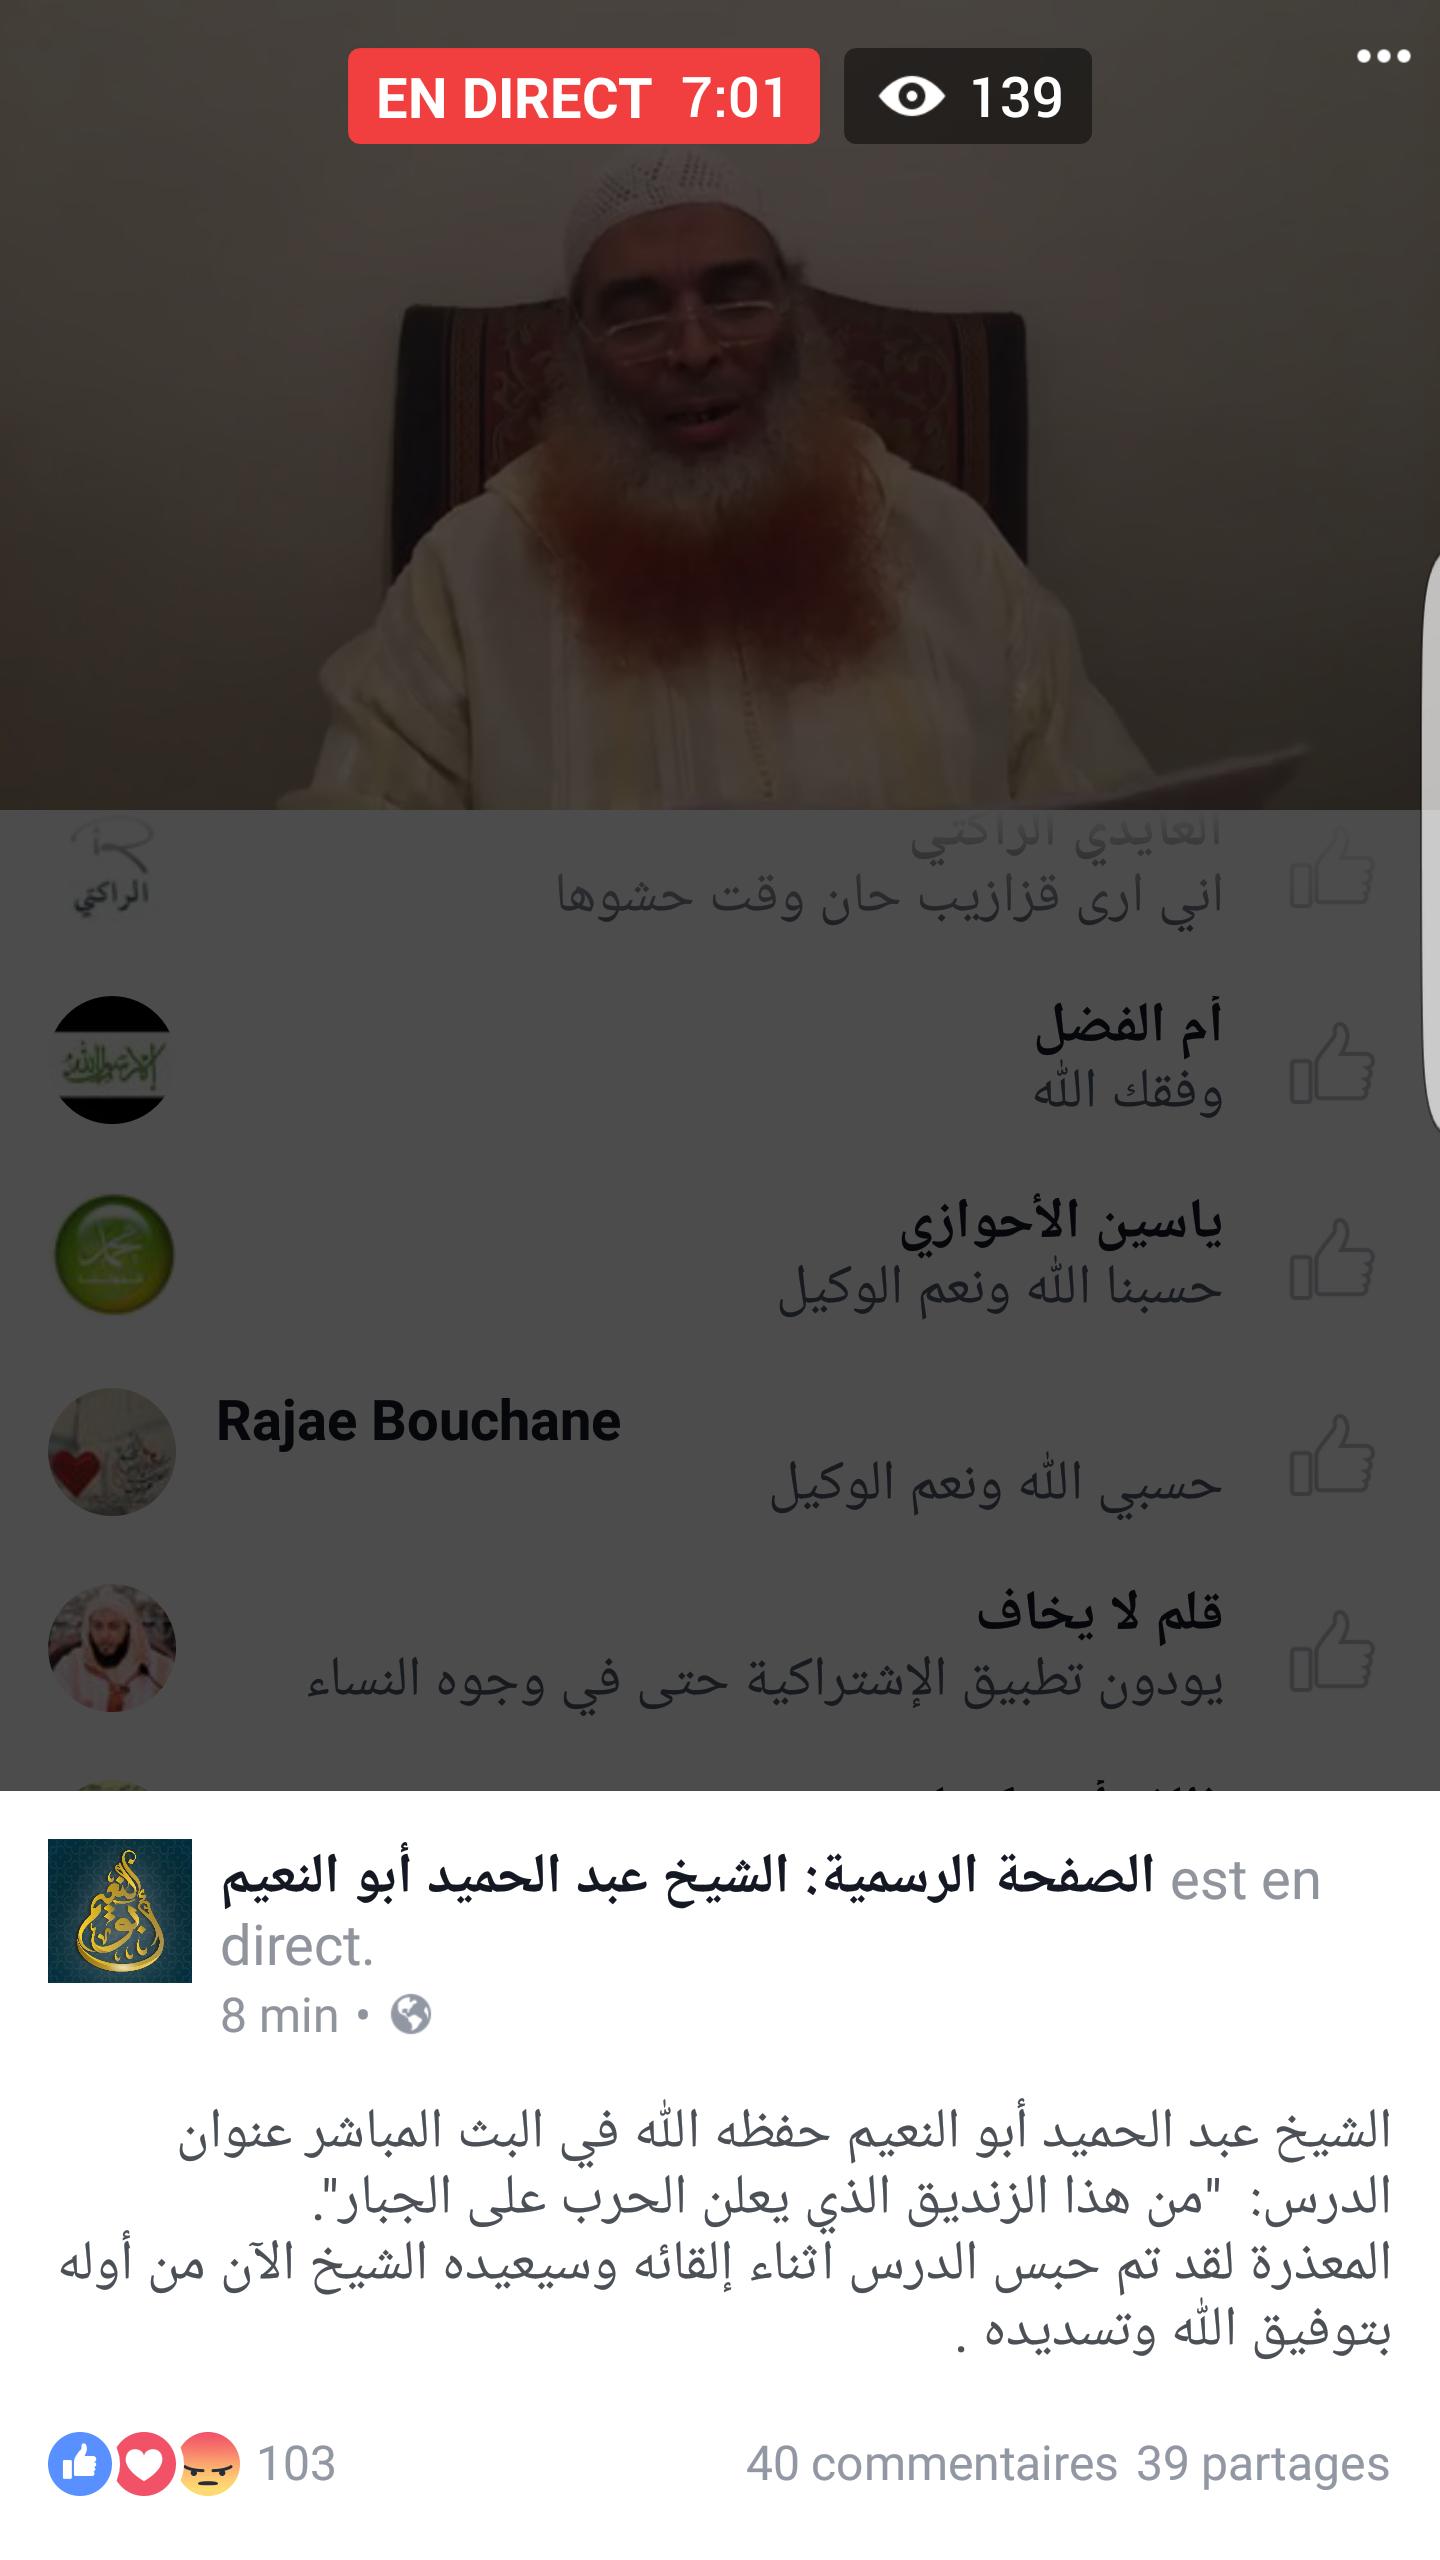 ابو النعيم22